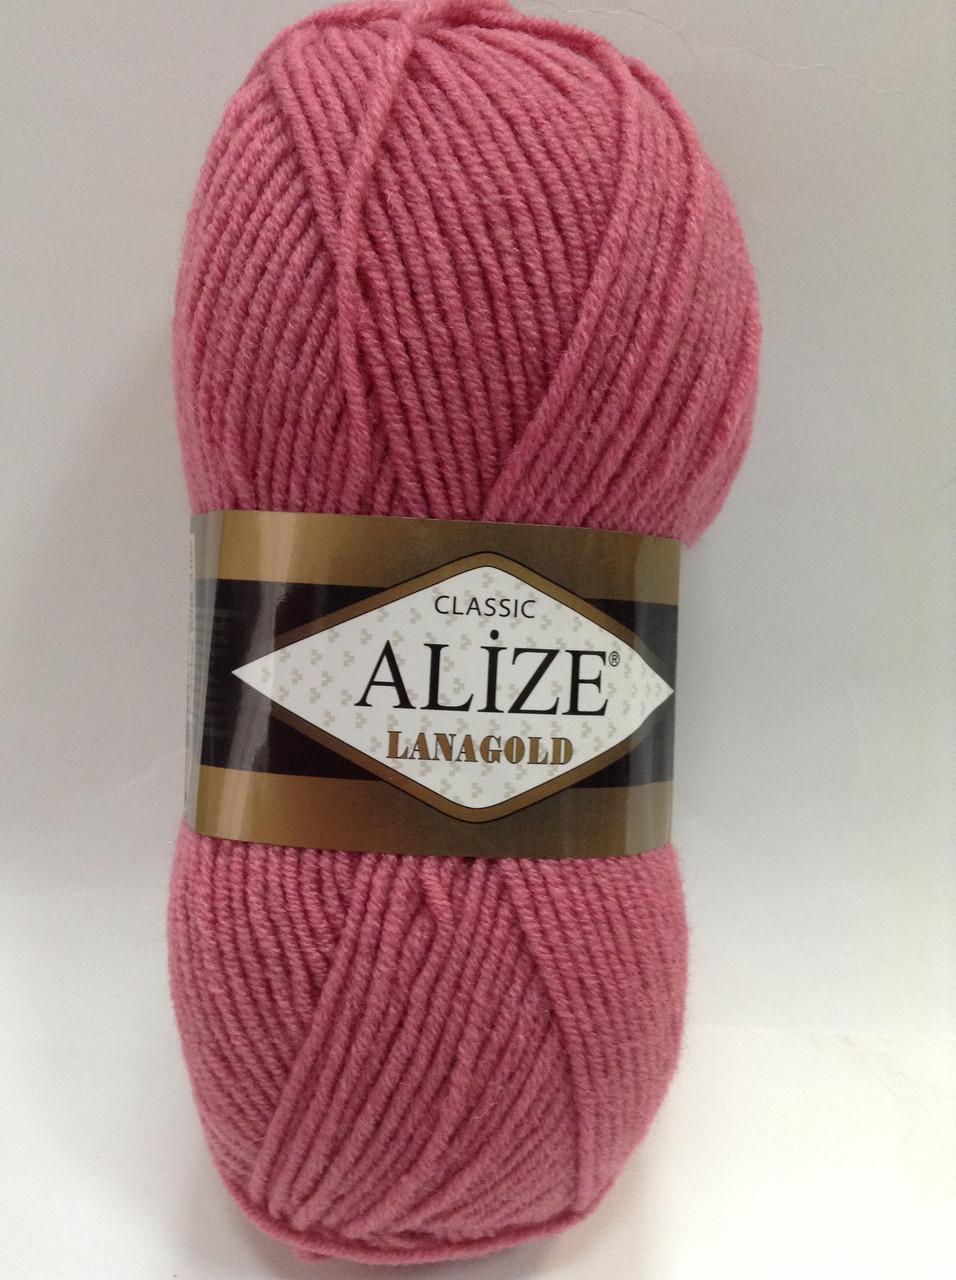 Пряжа lana gold - цвет темно-розовый (фуксия)